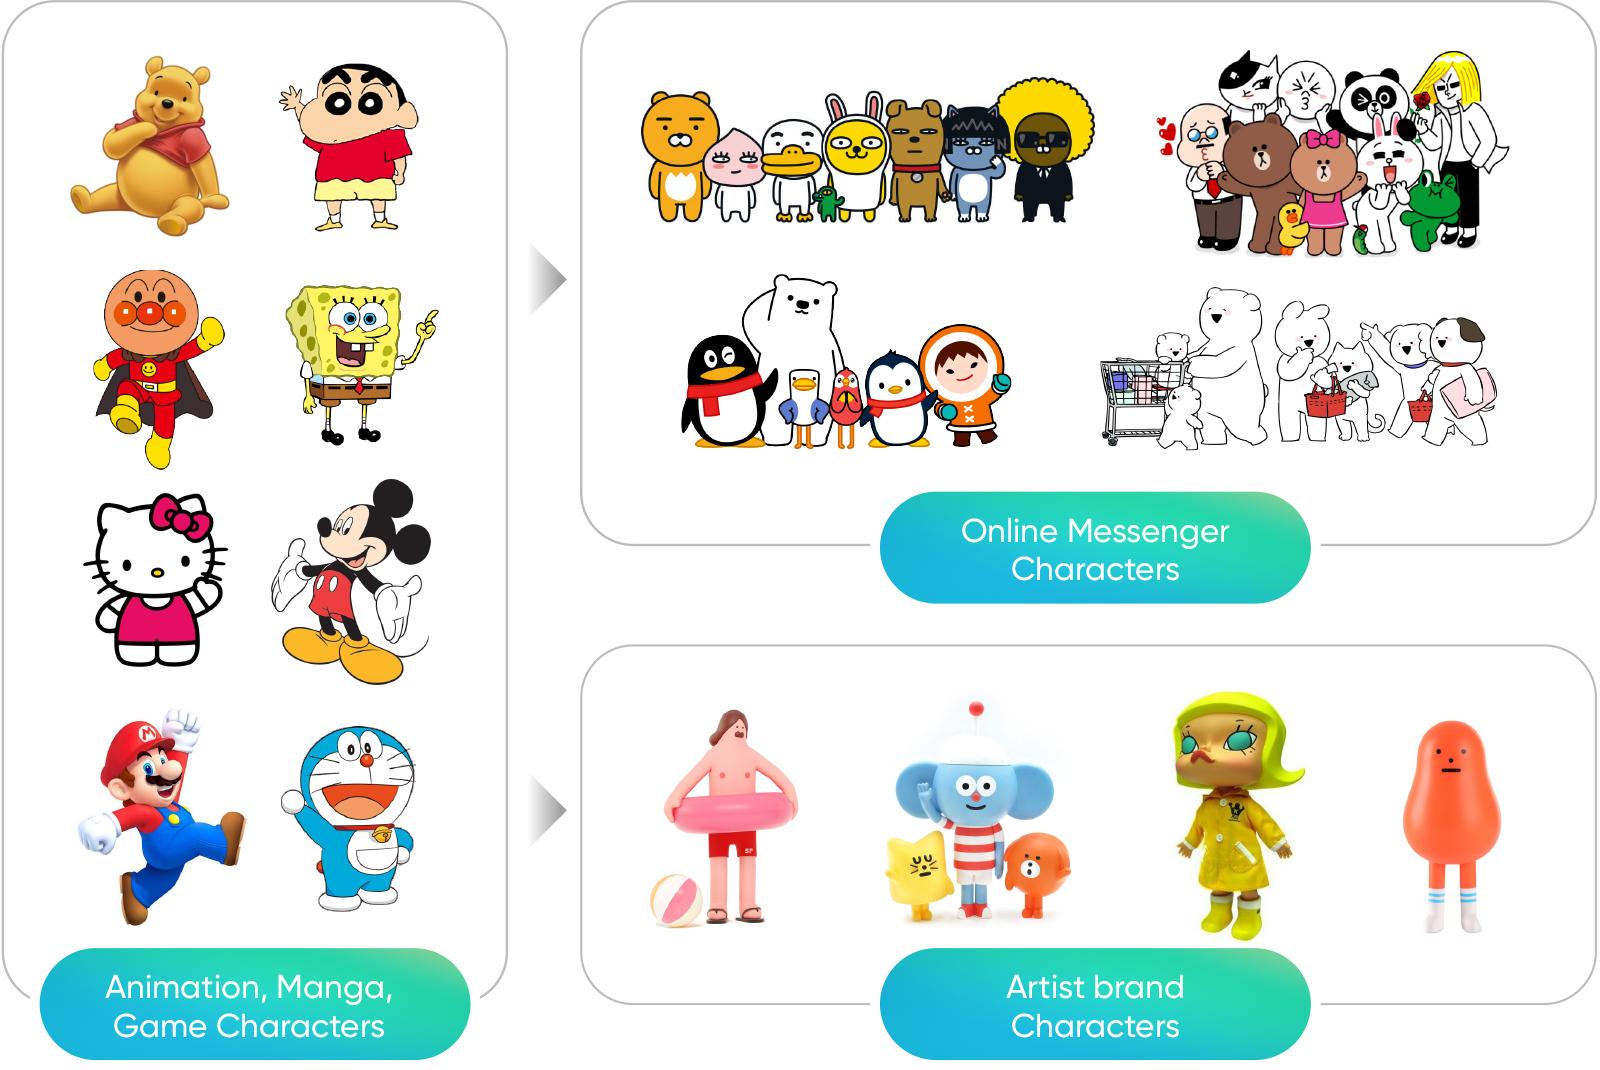 腾讯顶尖设计团队总结的 2019 – 2020 设计趋势:IP形象篇